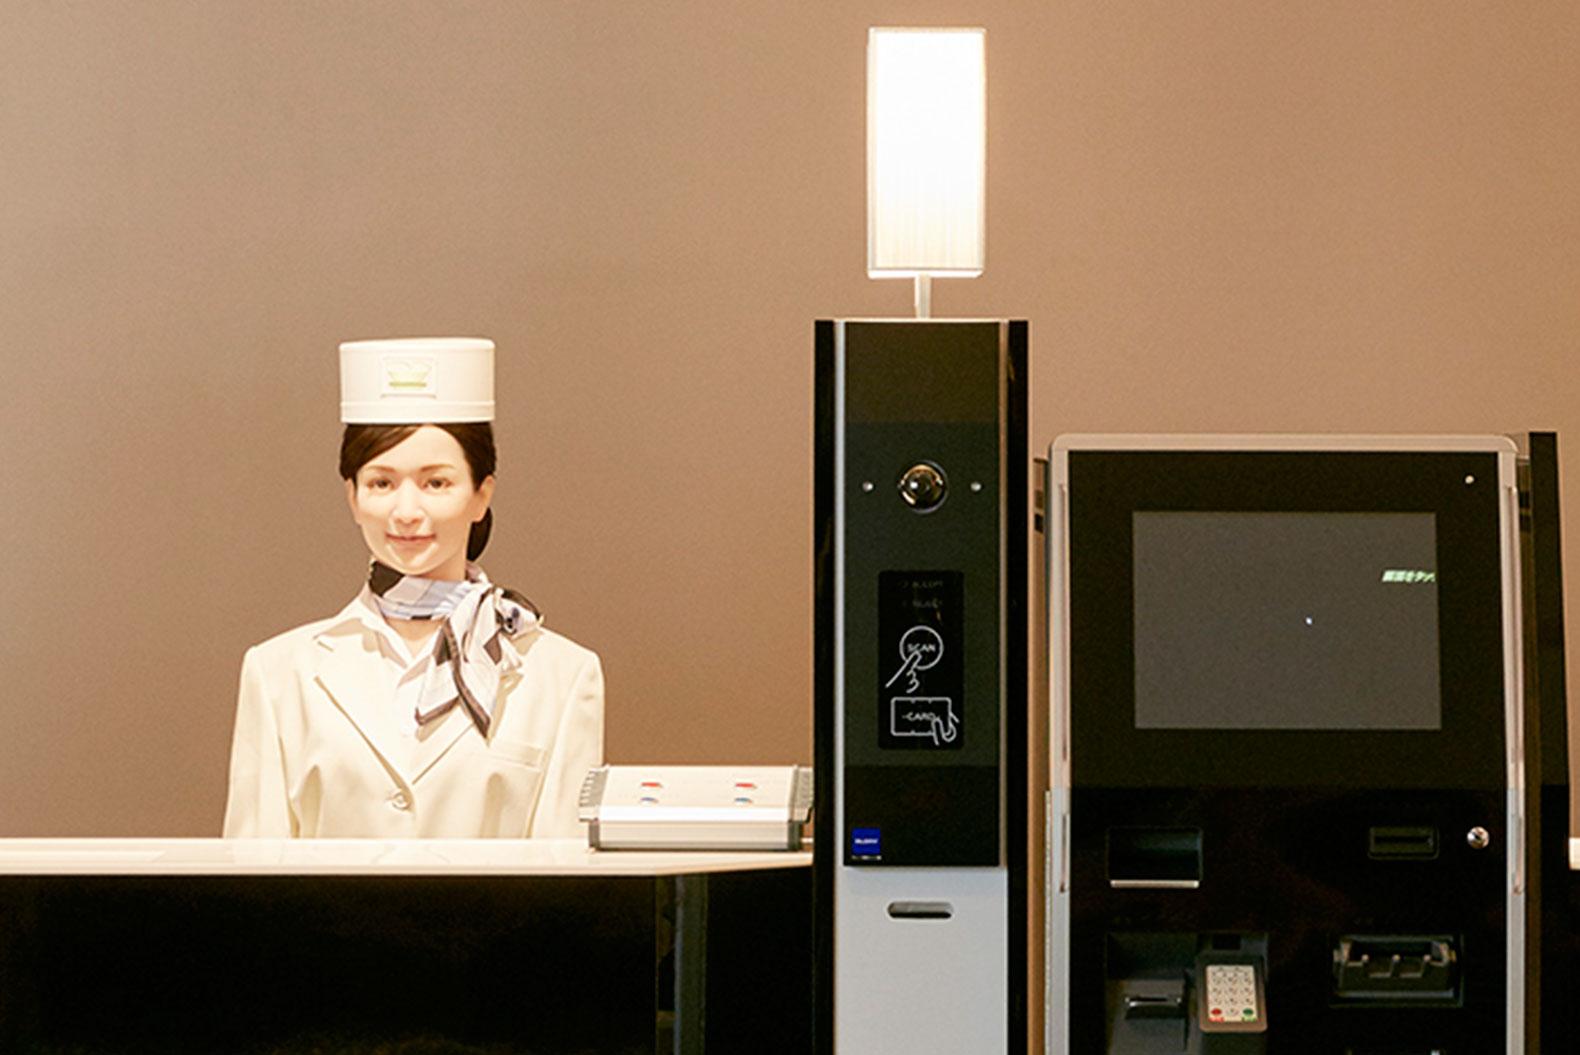 HENN-NA HOTEL - IL PRIMO HOTEL COMPLETAMENTE GESTITO DA ROBOT